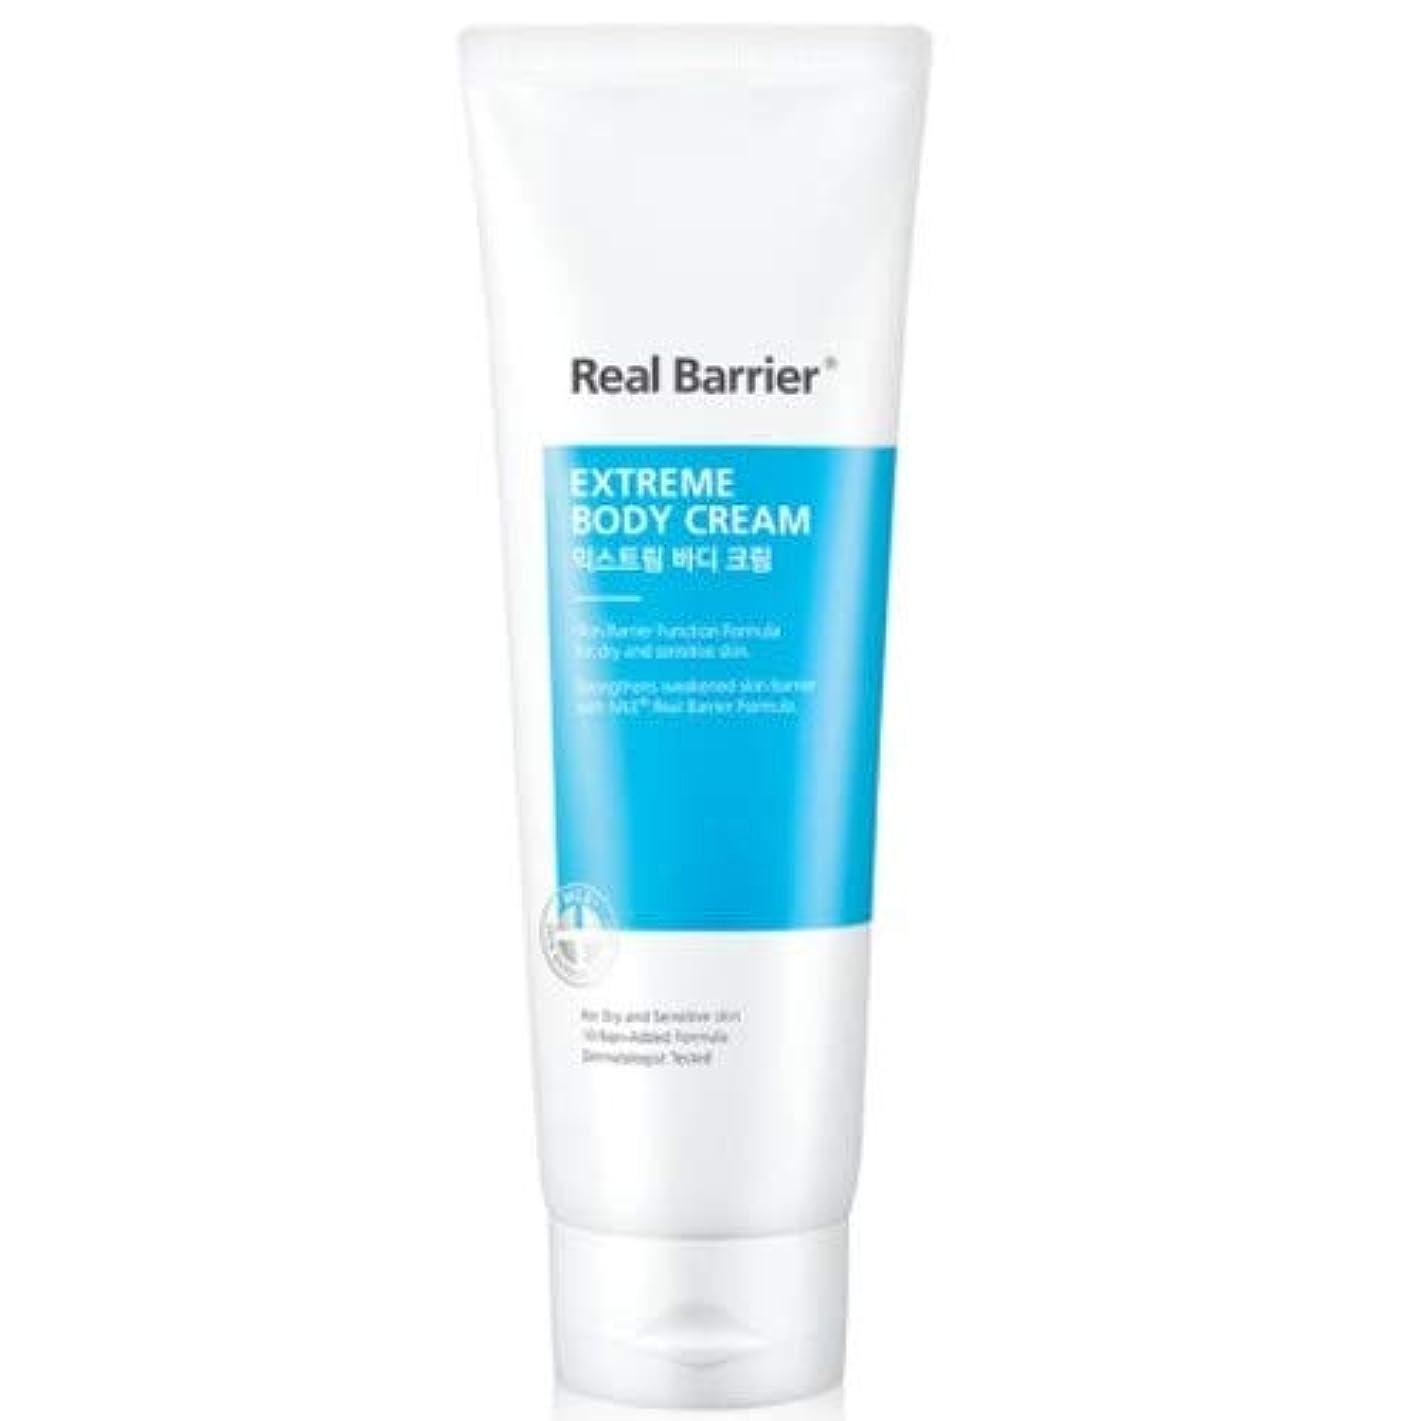 誘惑独特の識別するATOPALM Real Barrier?エクストリームボディークリーム250g / ATOPALM Real Barrier Extreme Body Cream [並行輸入品]